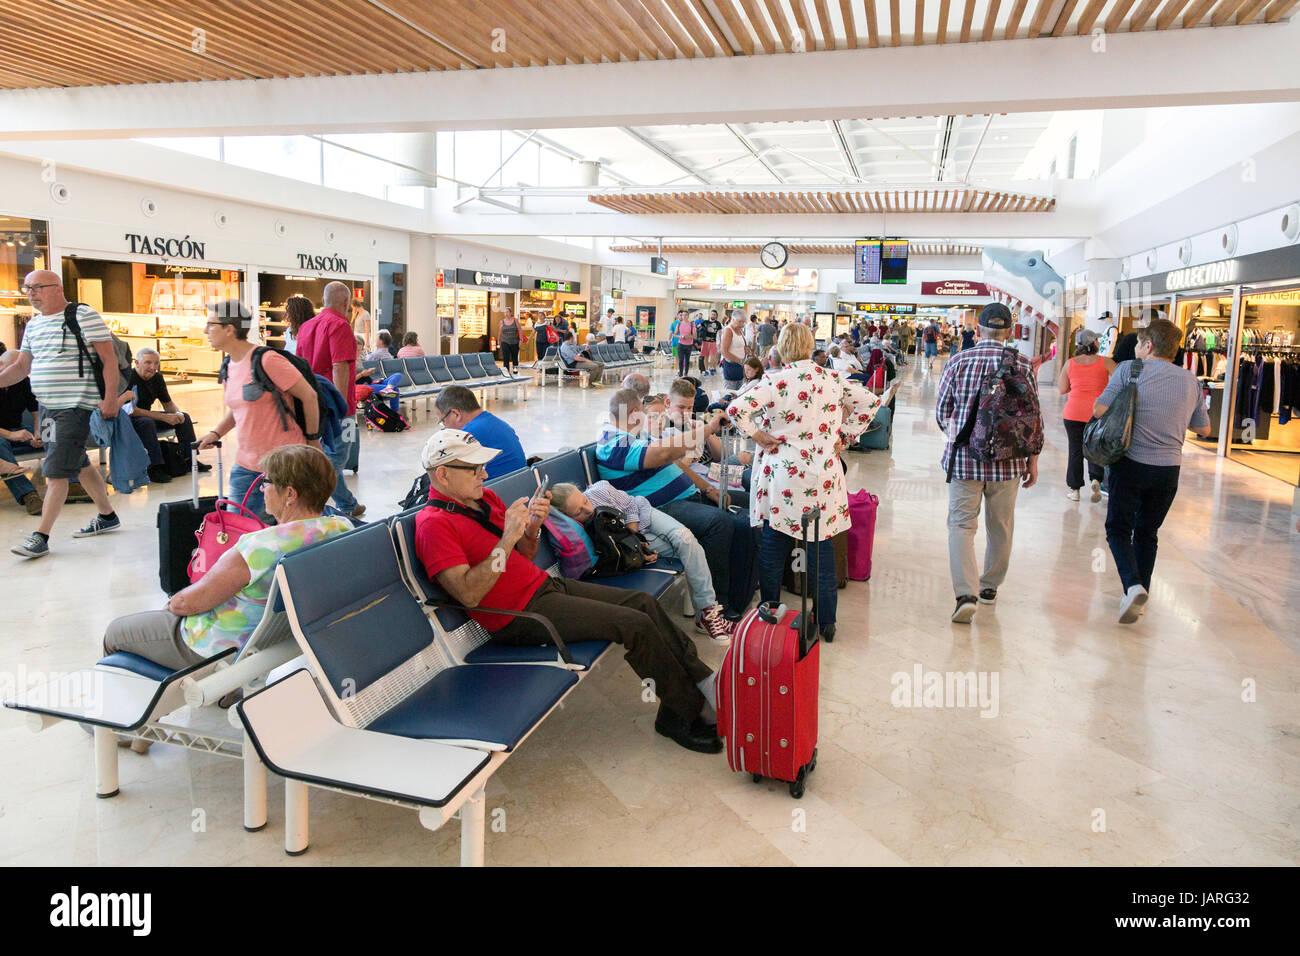 Der Flughafen Lanzarote - Passagiere warten in der Abfahrt Lounge, Lanzarote, Kanarische Inseln, Europa Stockbild